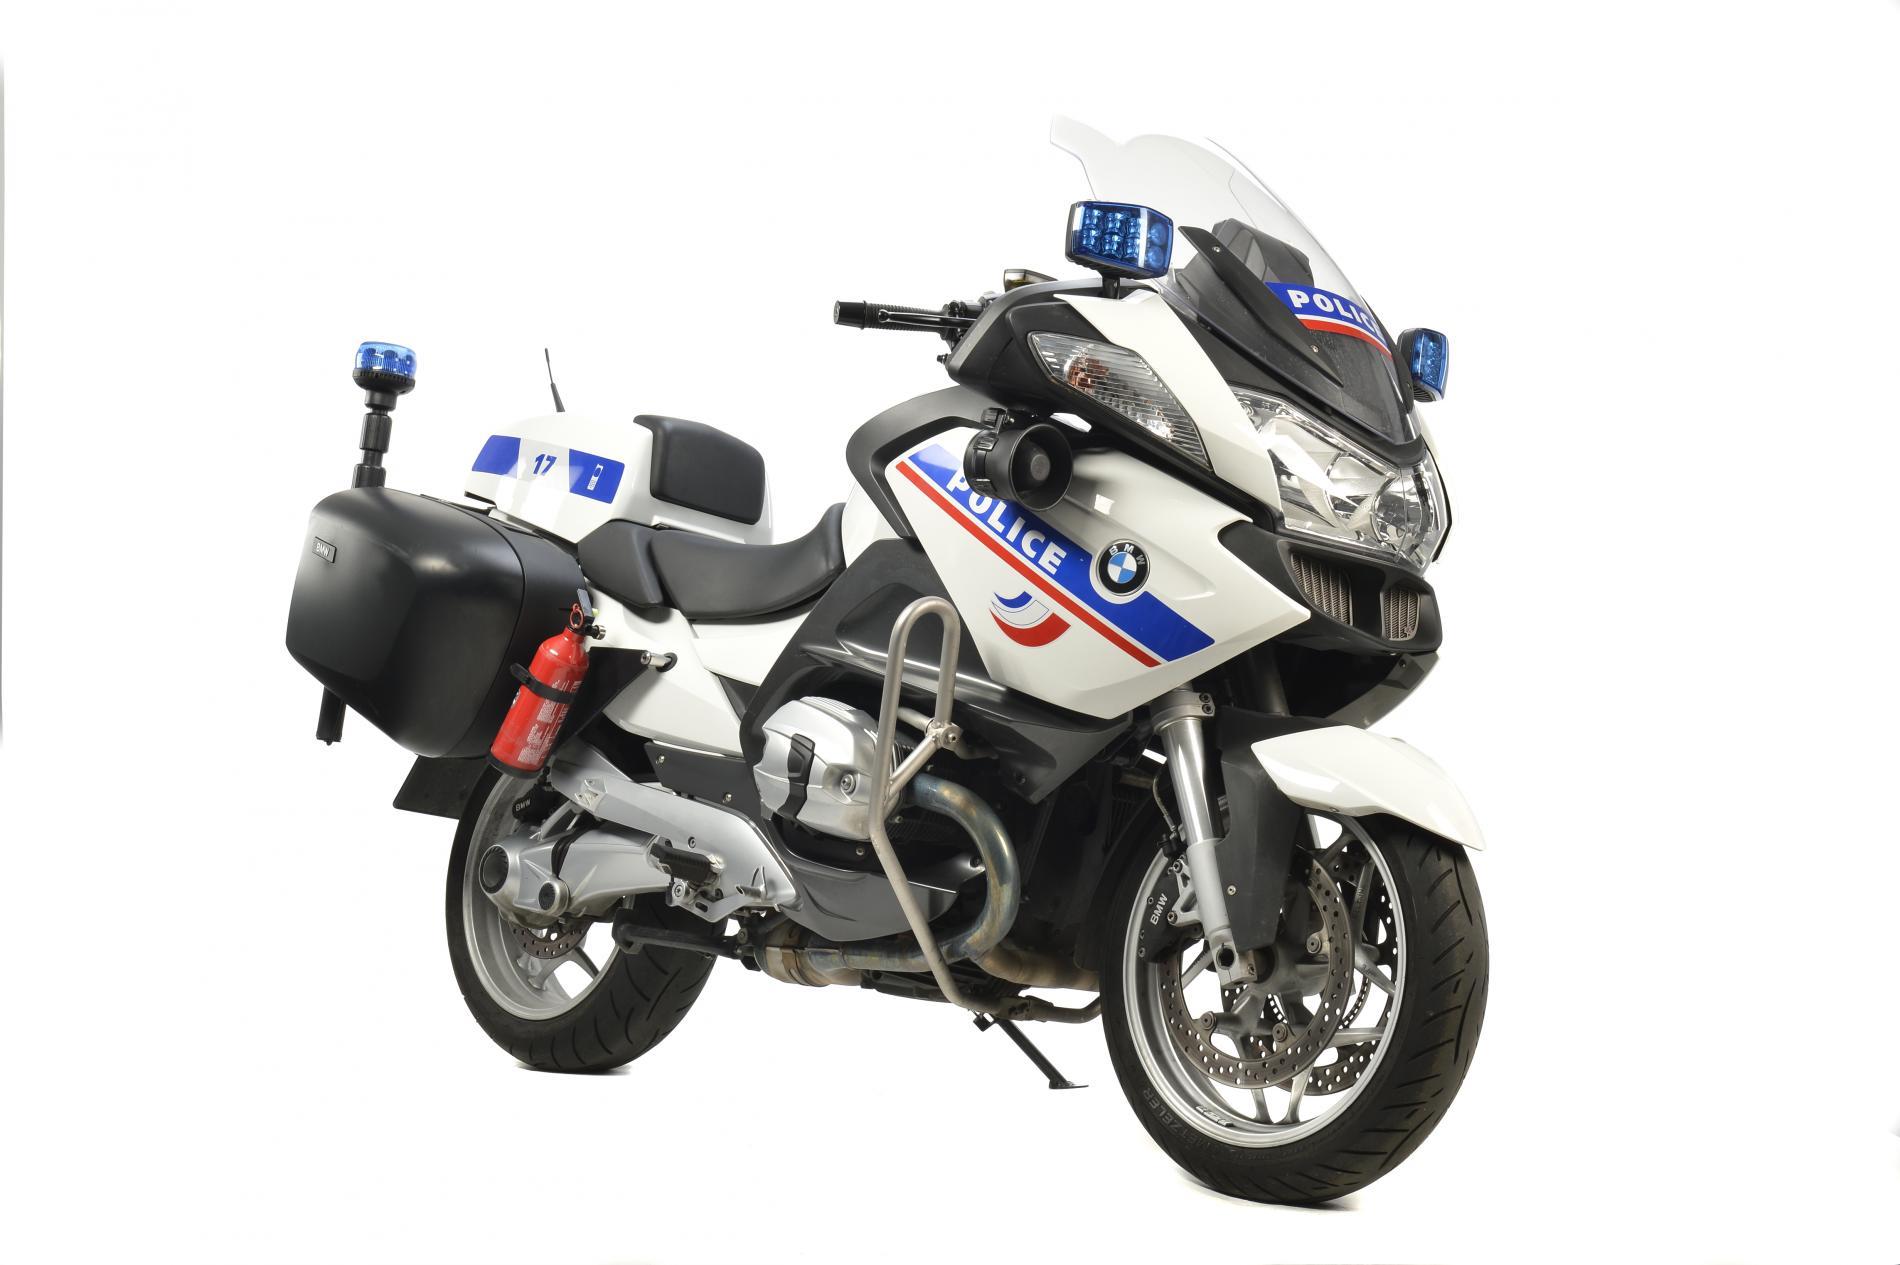 bmw r1200rt police nationale moto bmw. Black Bedroom Furniture Sets. Home Design Ideas